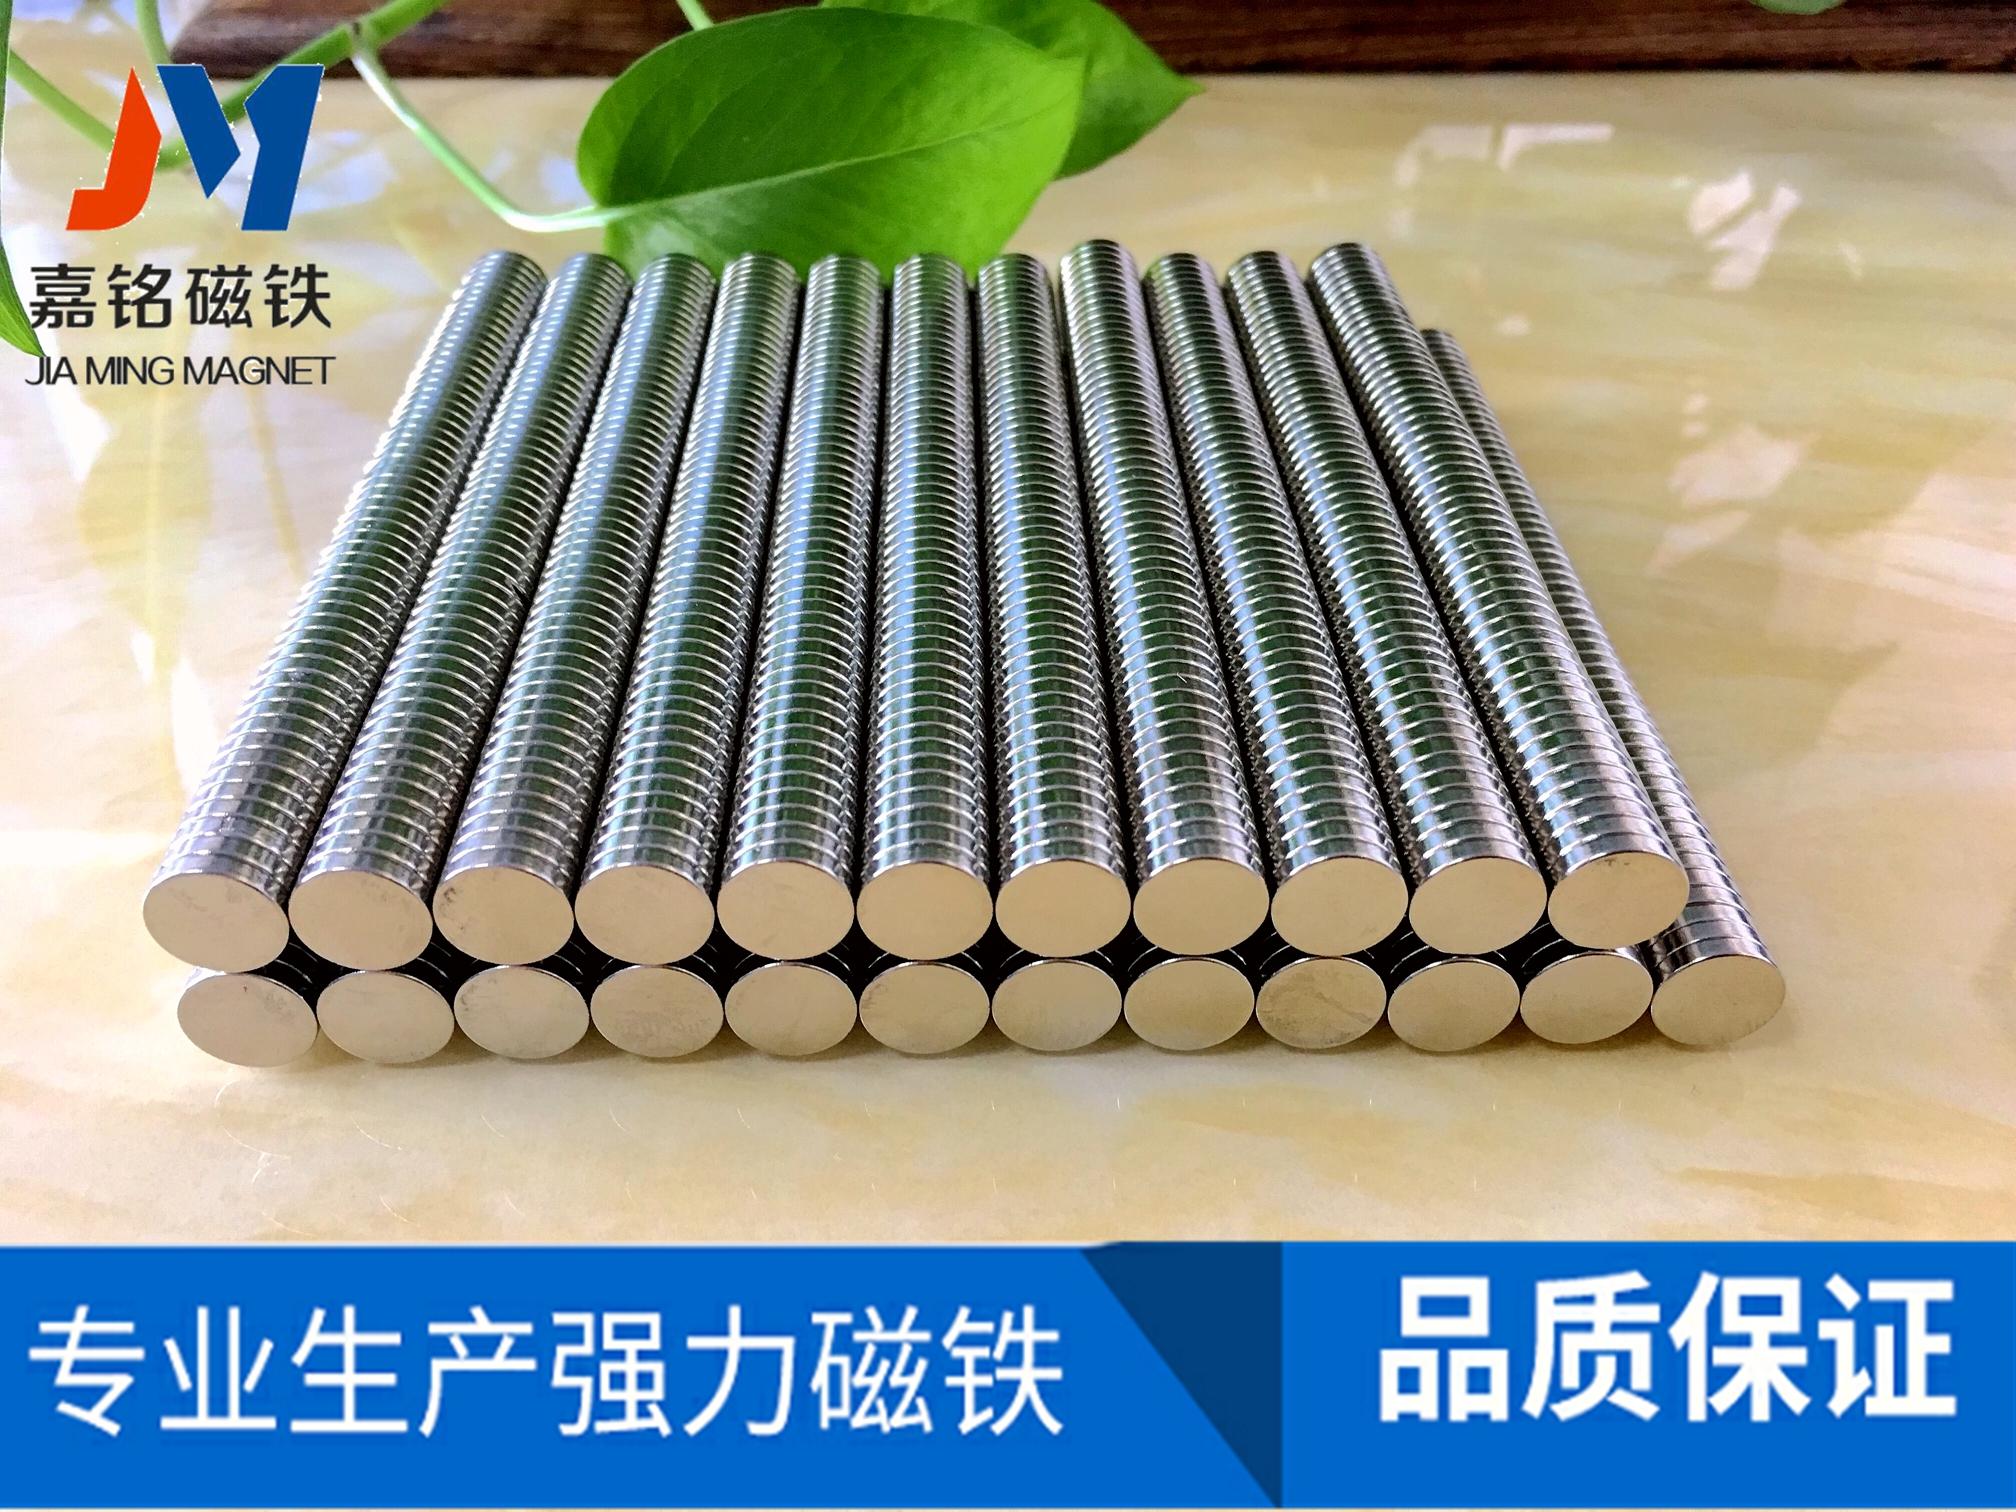 油烟机磁铁 强力磁铁沉头孔磁